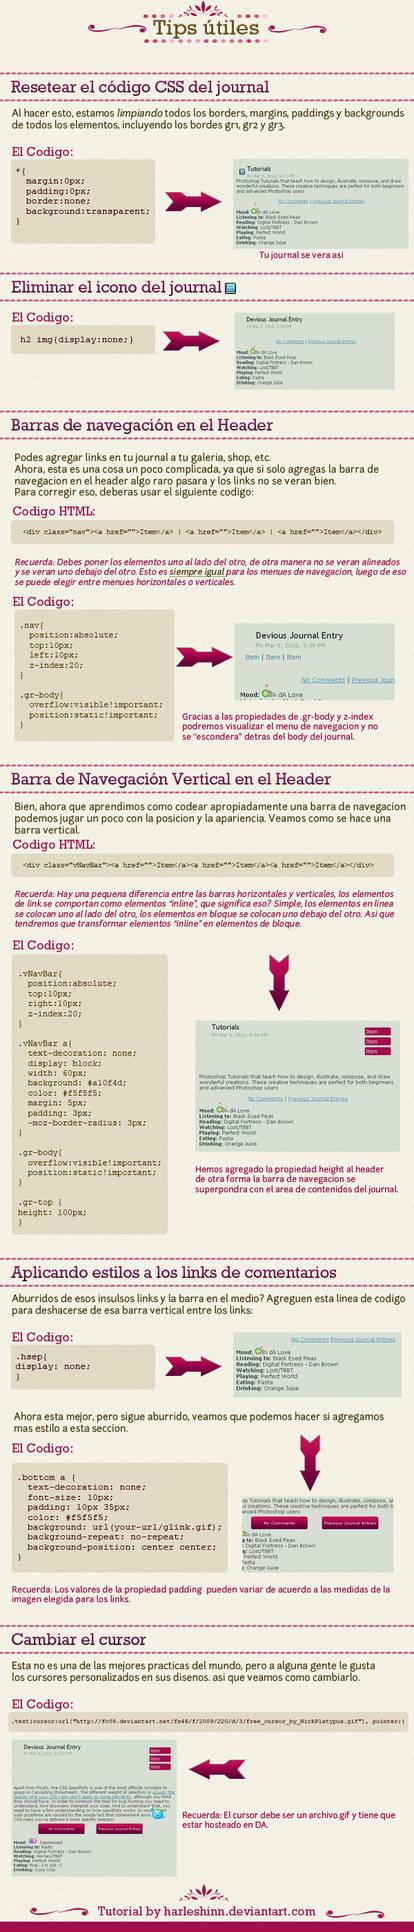 Tips utiles de CSS